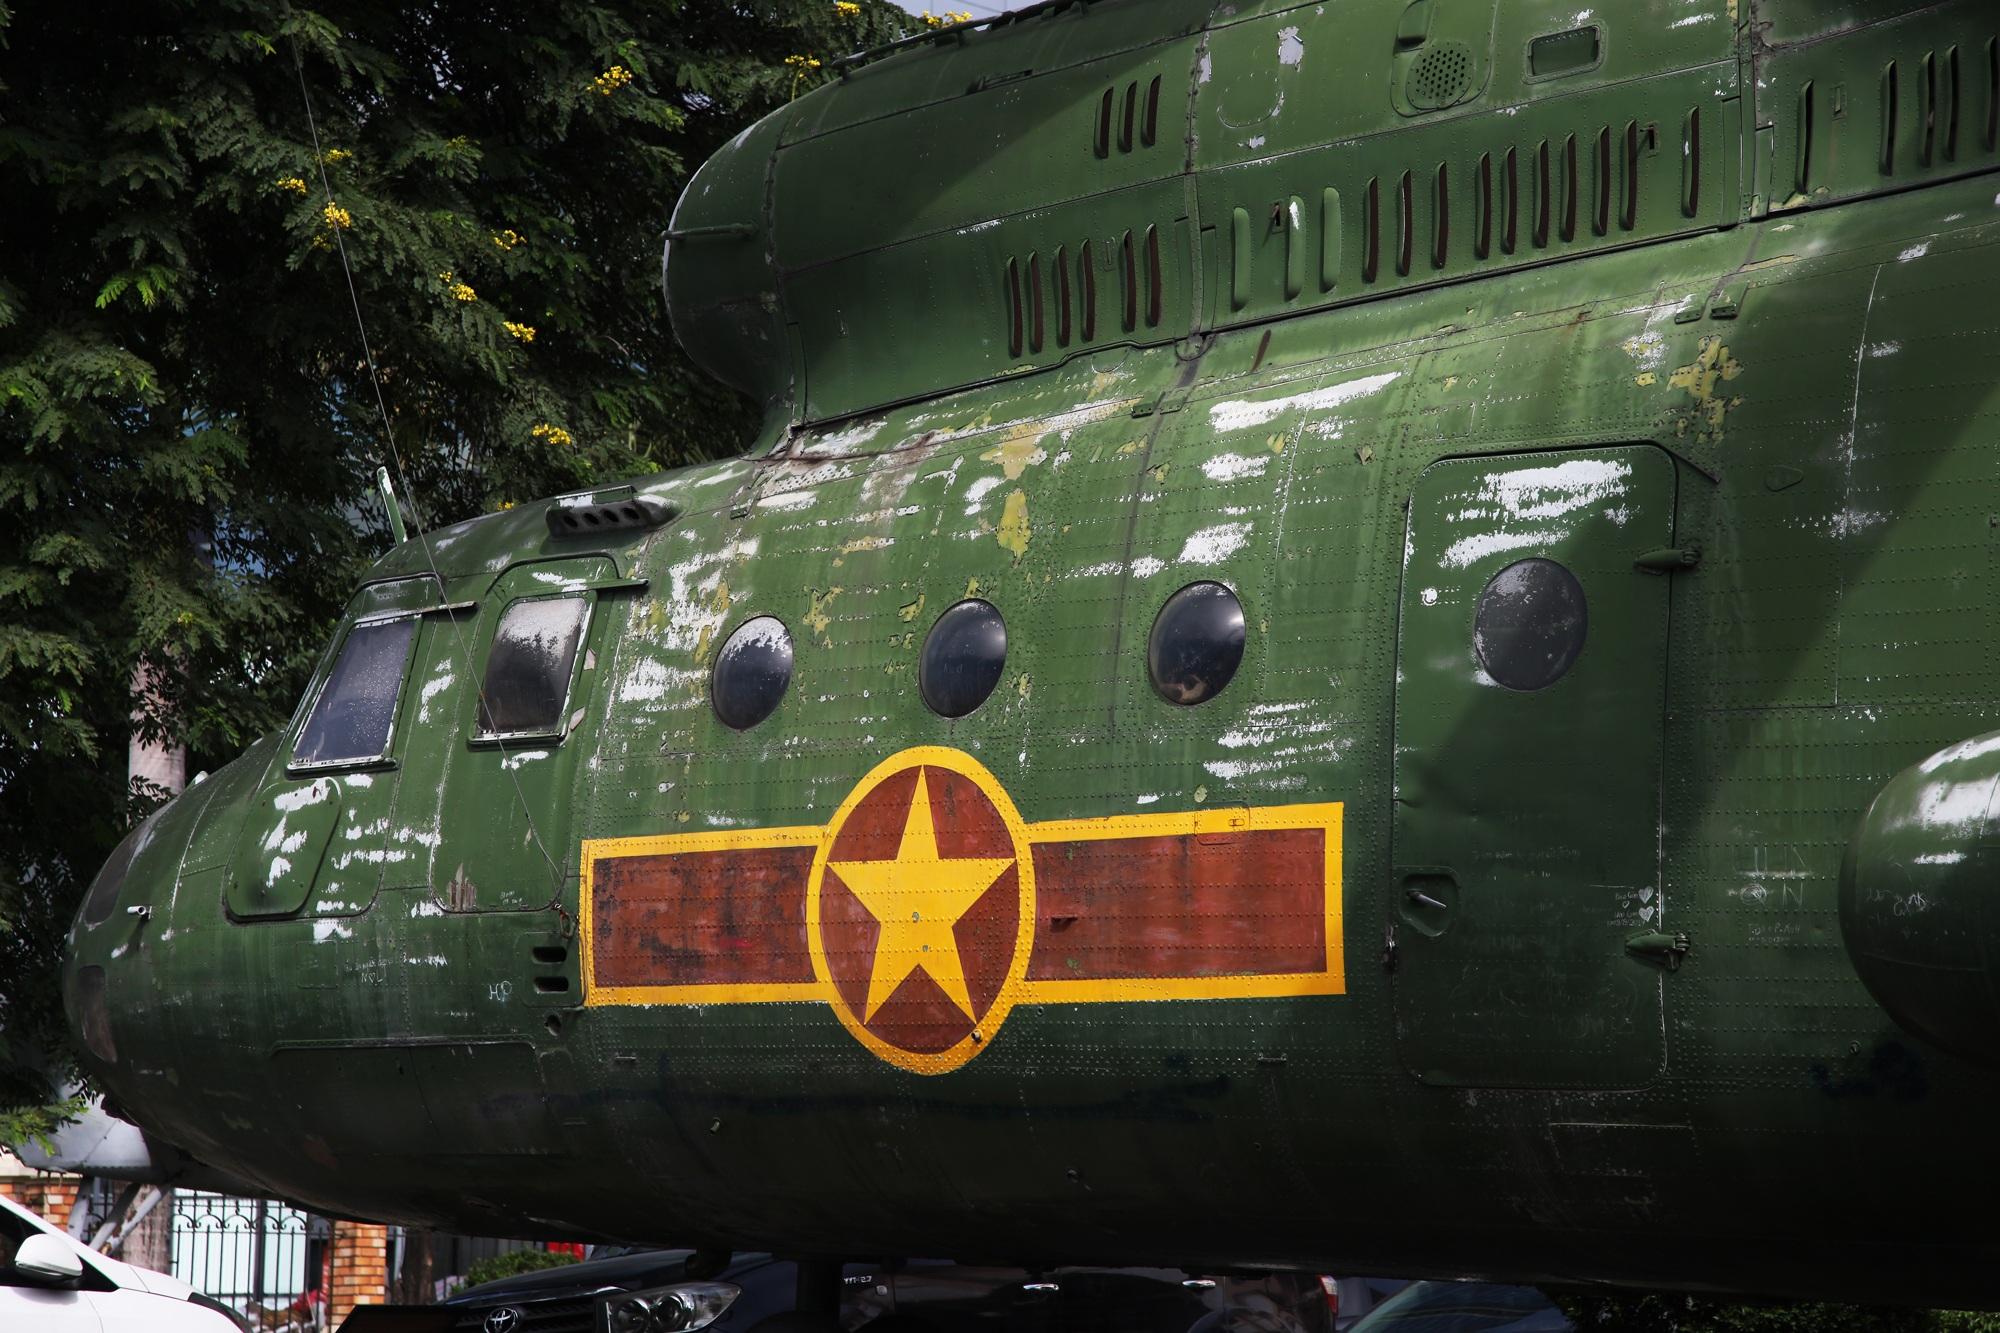 Cận cảnh trực thăng khổng lồ huyền thoại của Không quân Việt Nam - 2